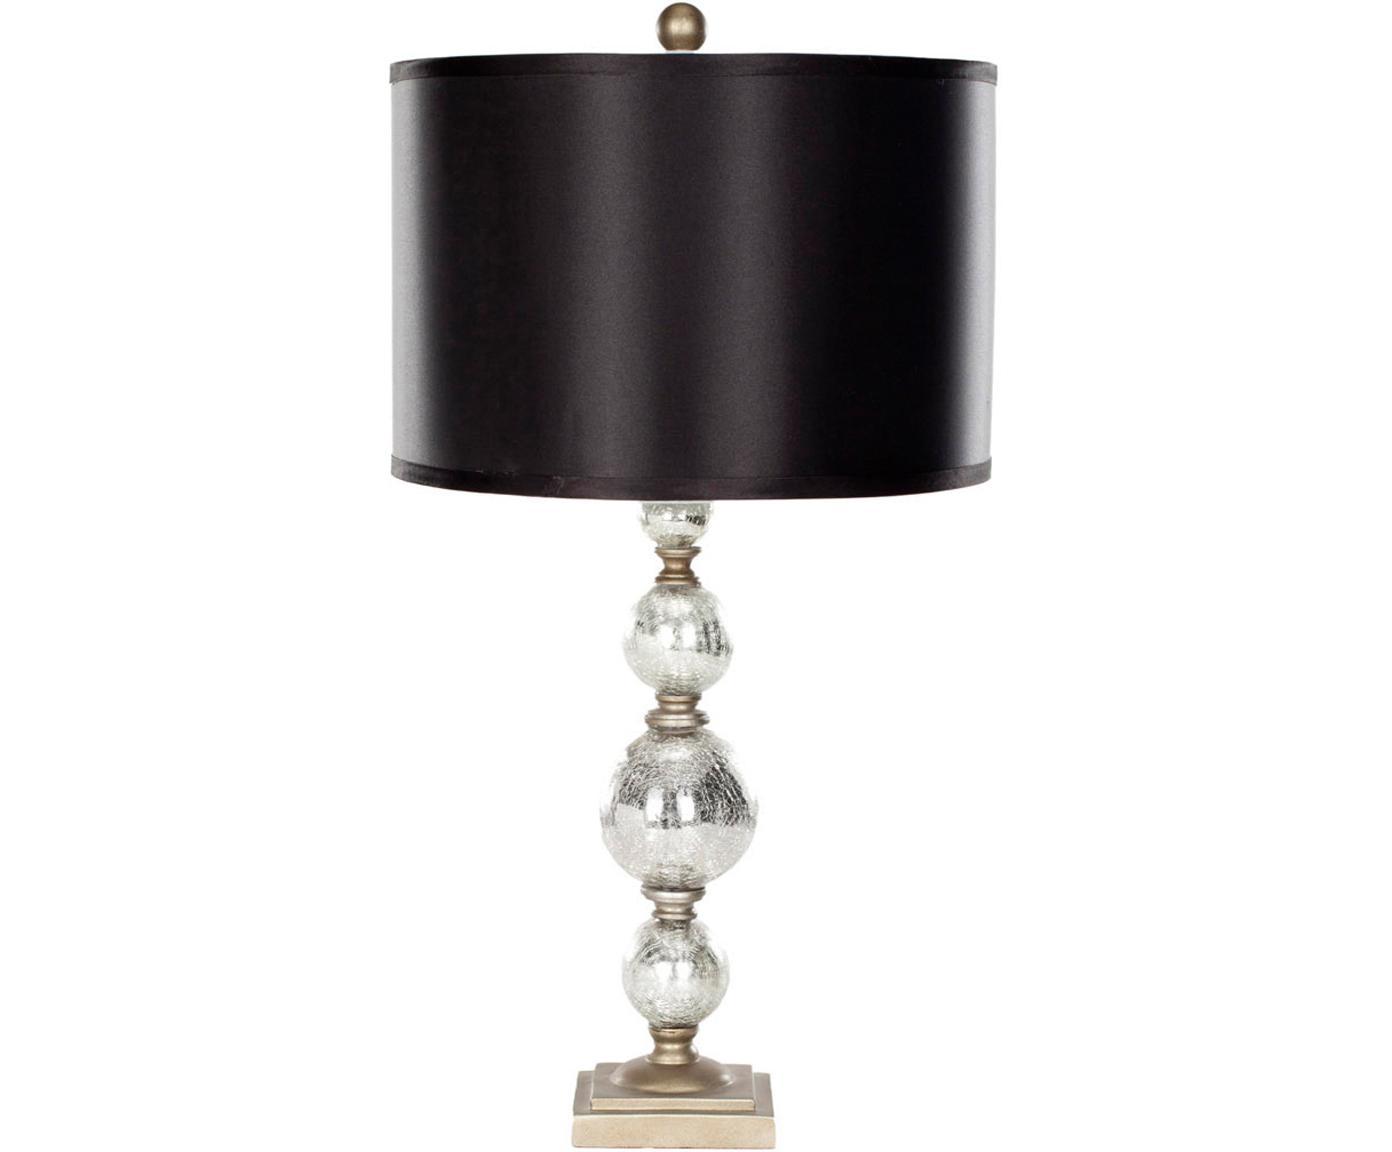 Große Tischleuchten Balls, 2 Stück, Lampenschirm: Textil (Polyesterbezug), Lampenfuß: Glas, Schwarz,Silber, Ø 35 x H 75 cm